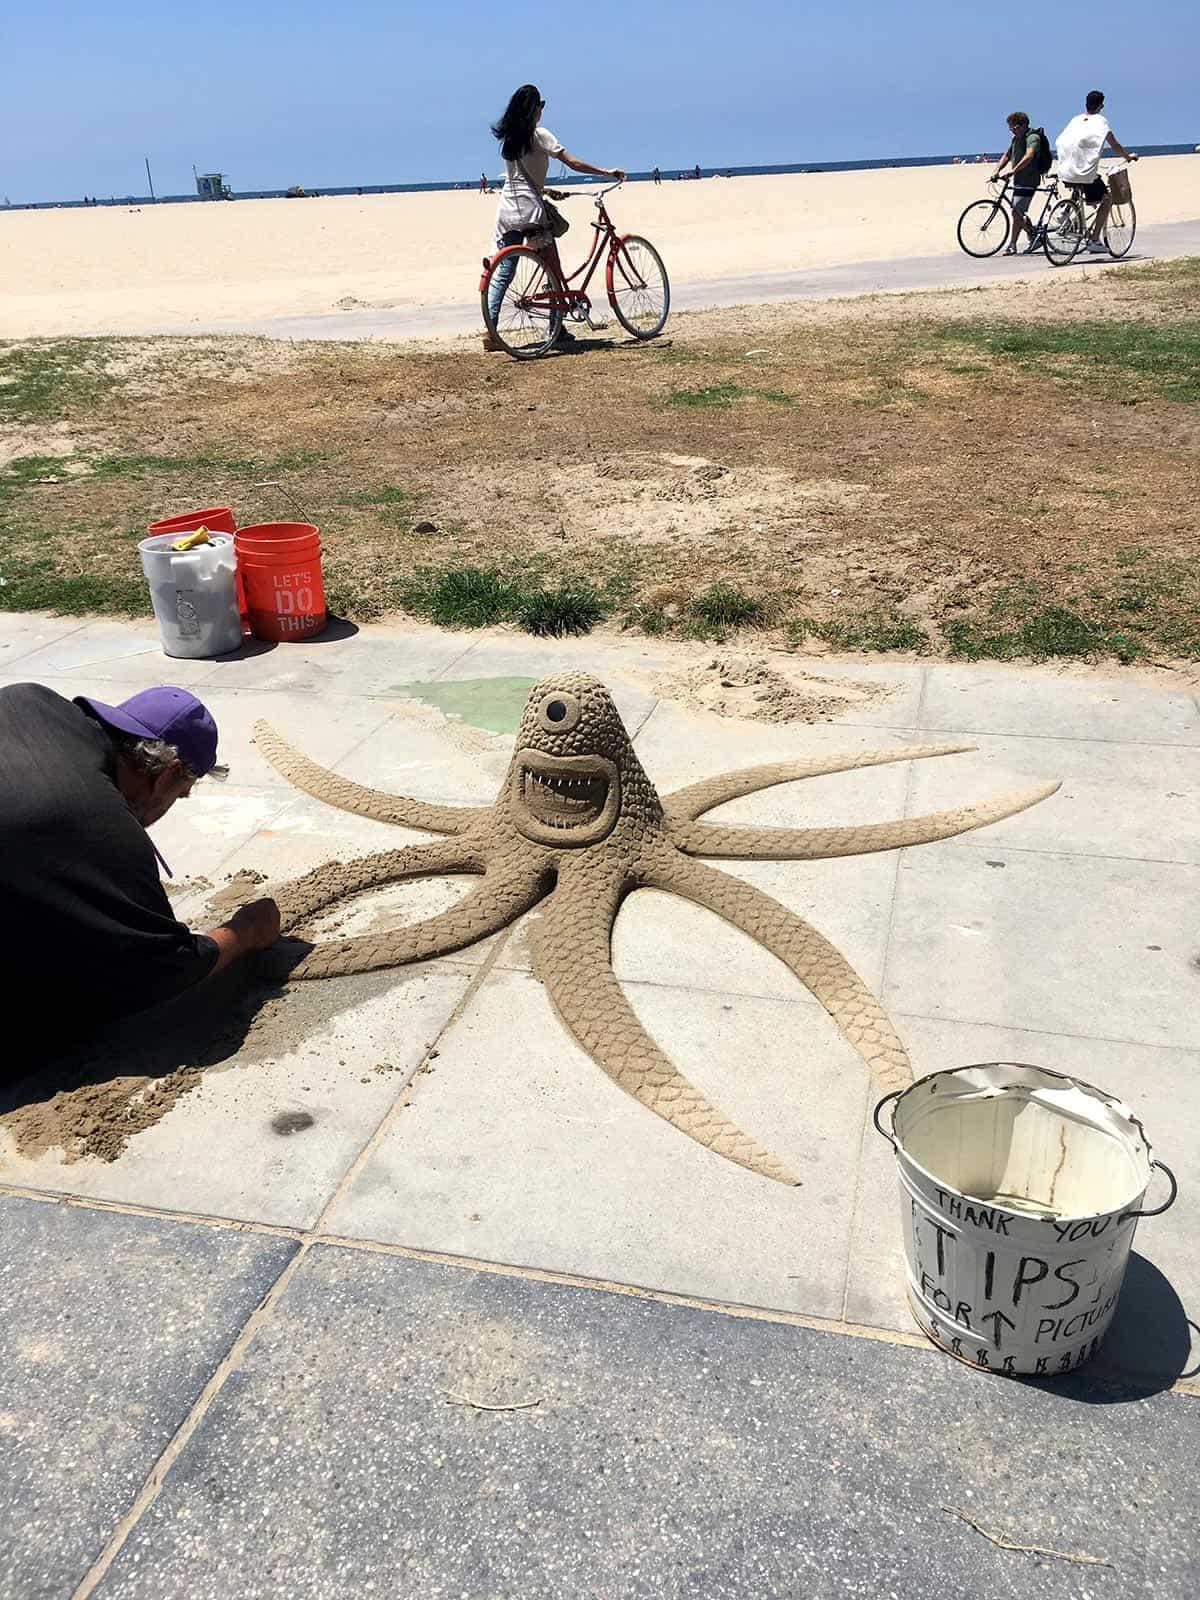 LA beach sand sculptures